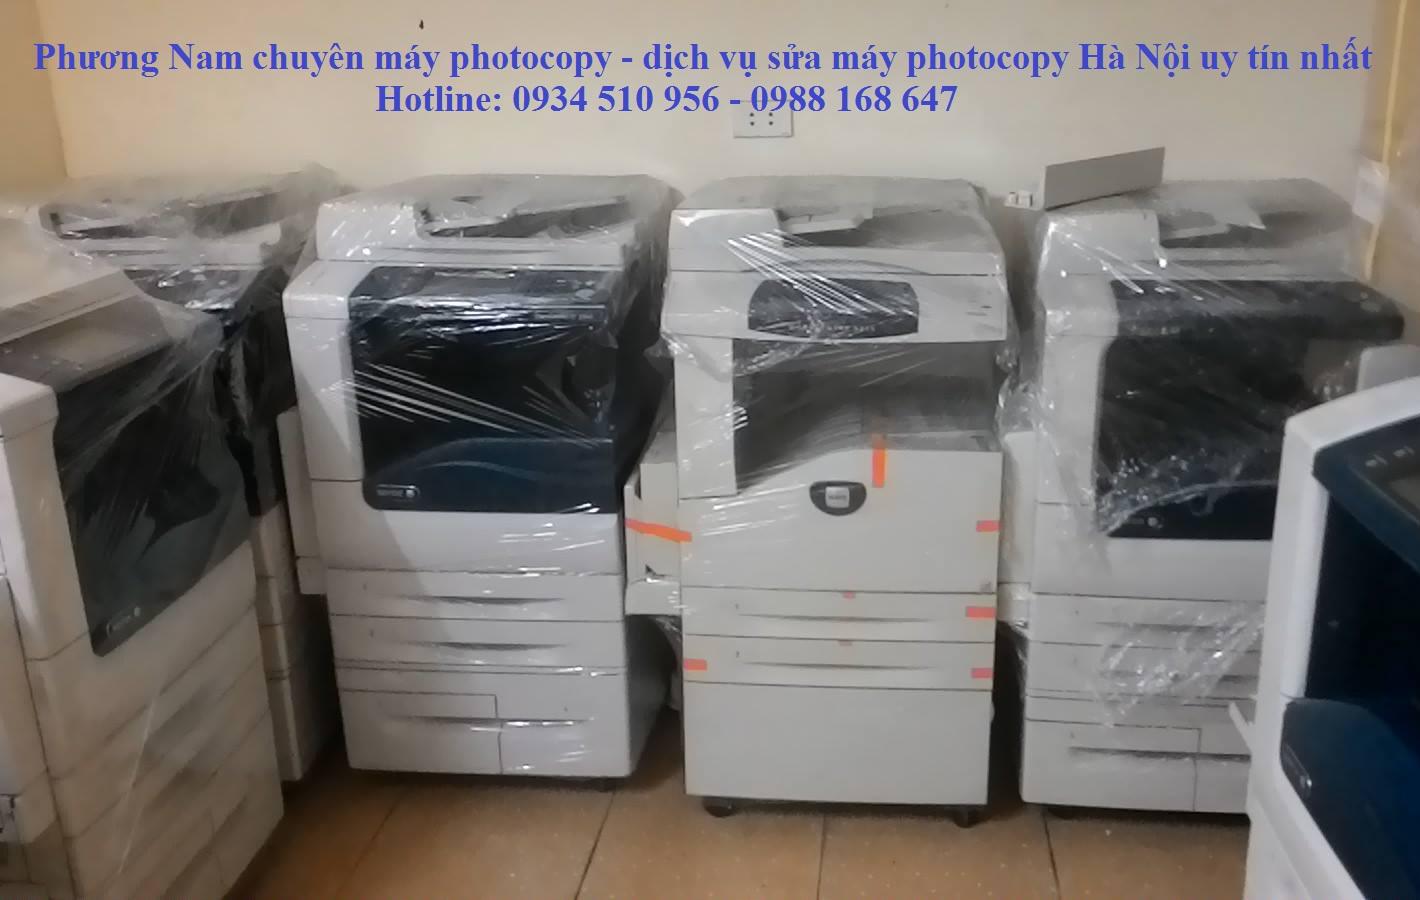 Tin tưởng dịch vụ sửa máy photocopy tại Lê Đức Thọ, đổ mực máy photocopy